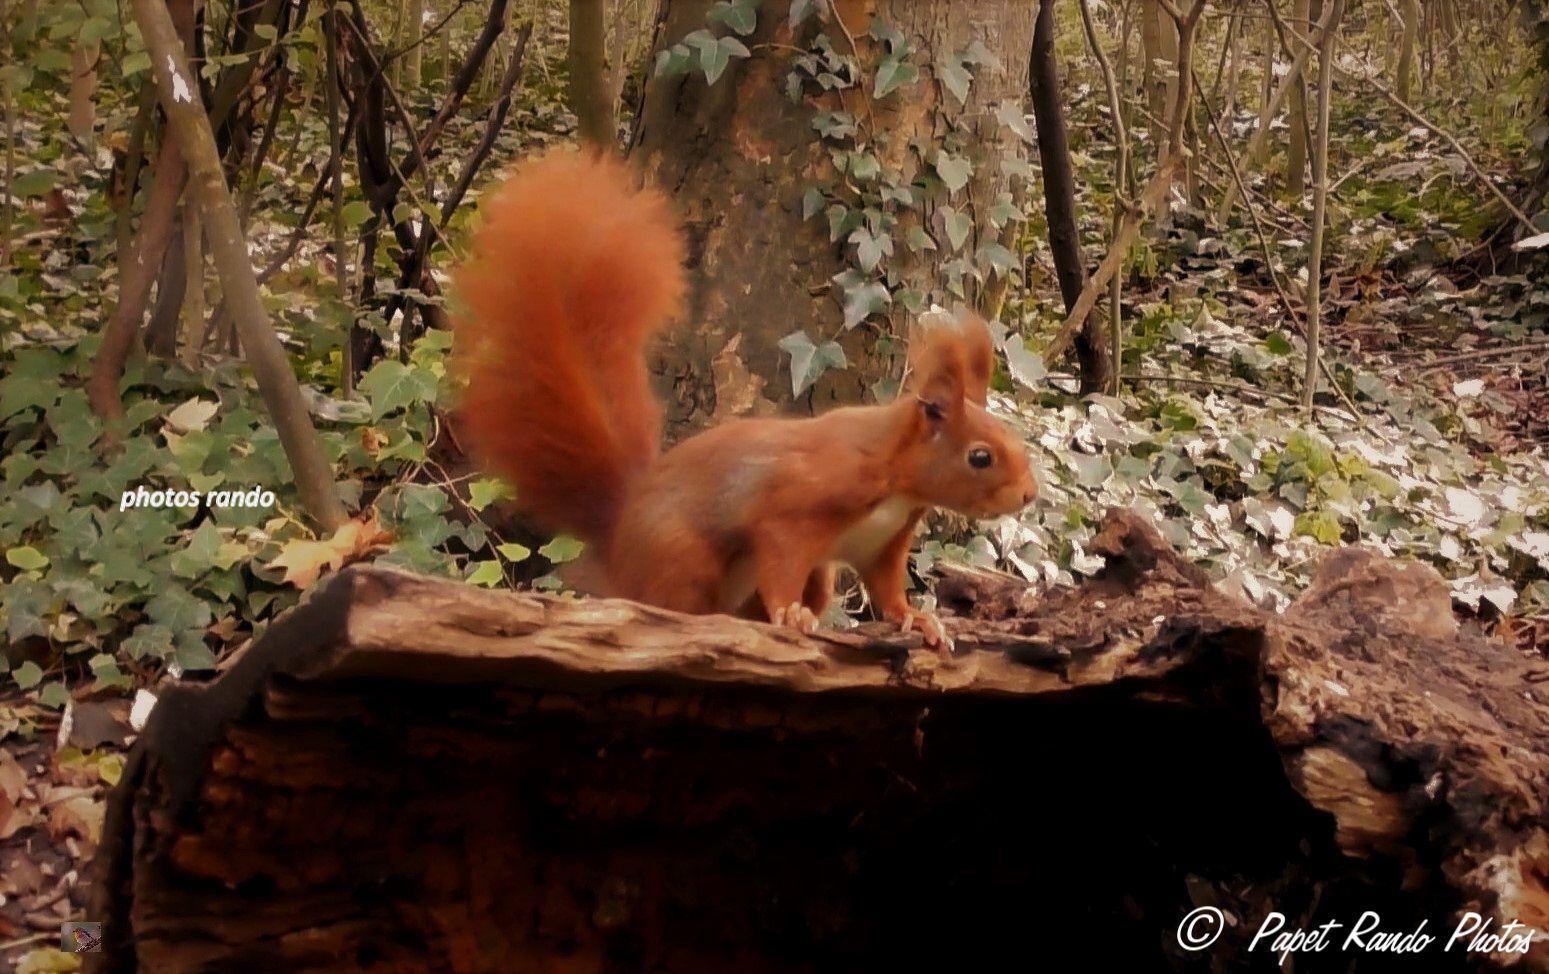 Une petite journée au bois, (prés de chez moi), avec beaucoup de chance, des écureuils en pleine forme. ils auront bientot un long repos